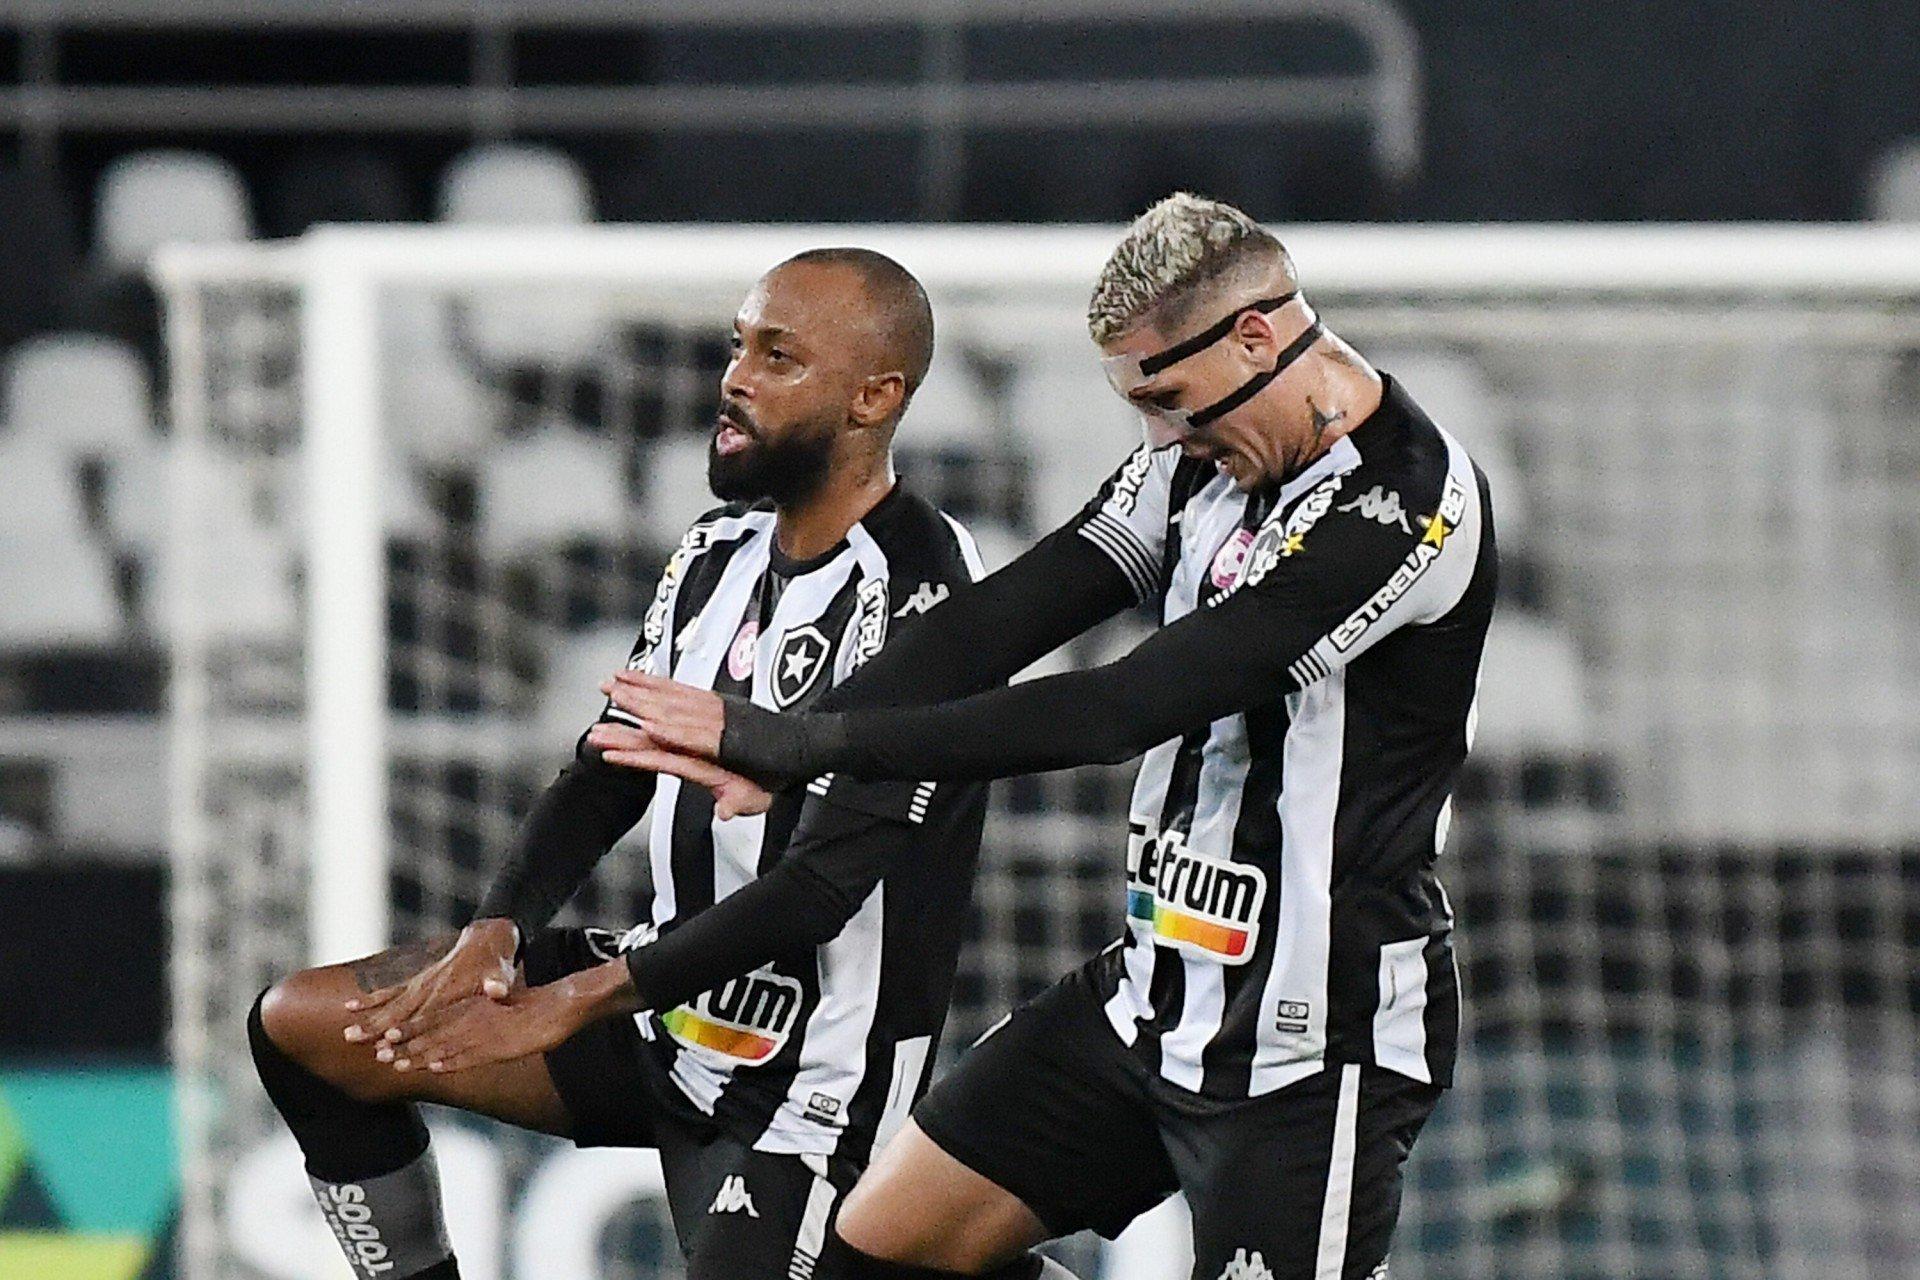 Com show de Navarro, Botafogo amassa o Brusque em vitória por 3 a 0 no Nilton Santos